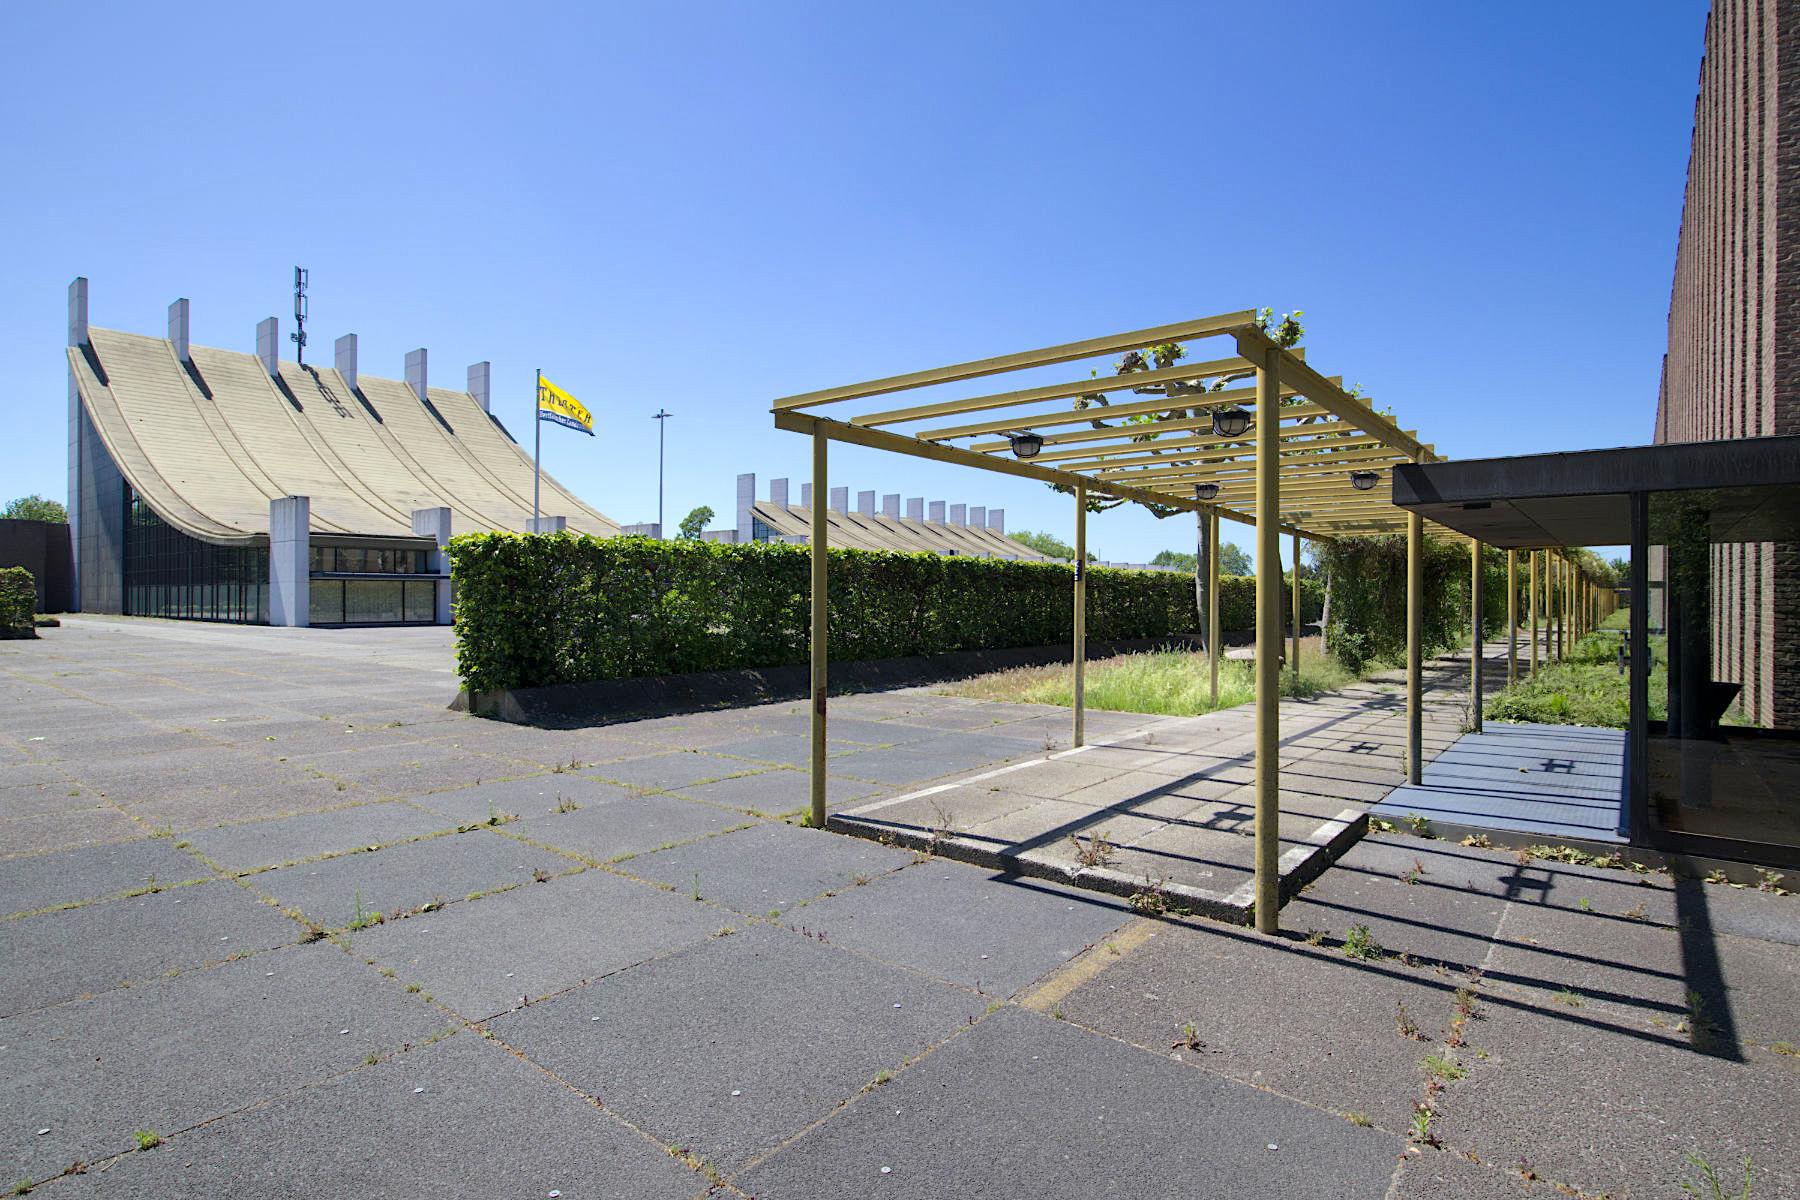 Forum Castrop-Rauxel. Entwurf: Arne Jacobsen und Otto Weitling. Fertigstellung durch Dissing+Weitling: 1976.